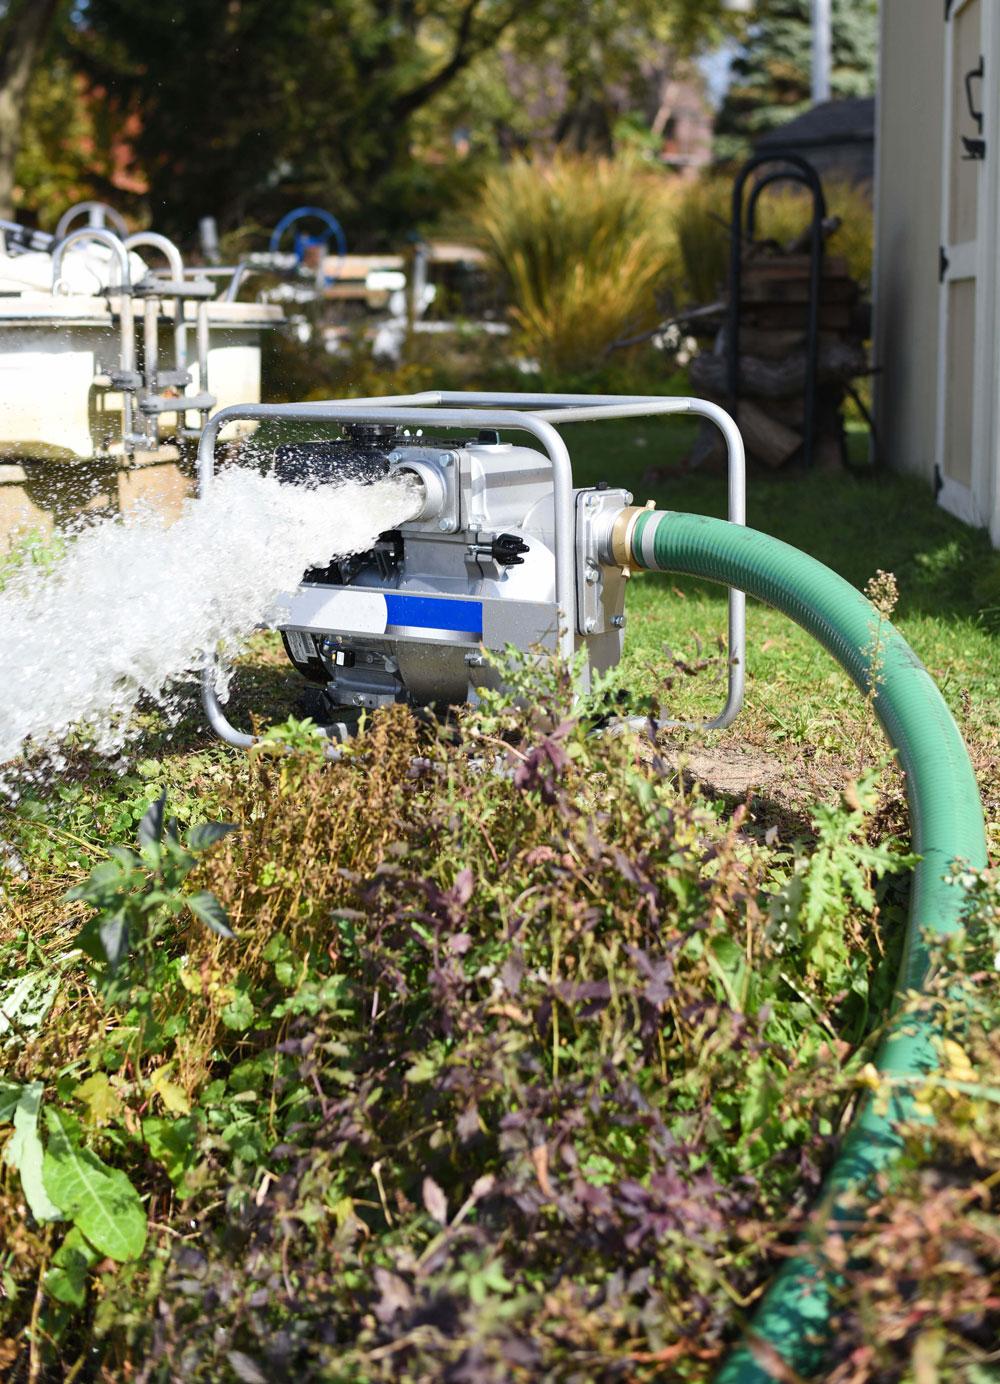 pronto-intervento-allagamenti-drenaggio-acque-ravenna-forli-cesena-rimini-riccione